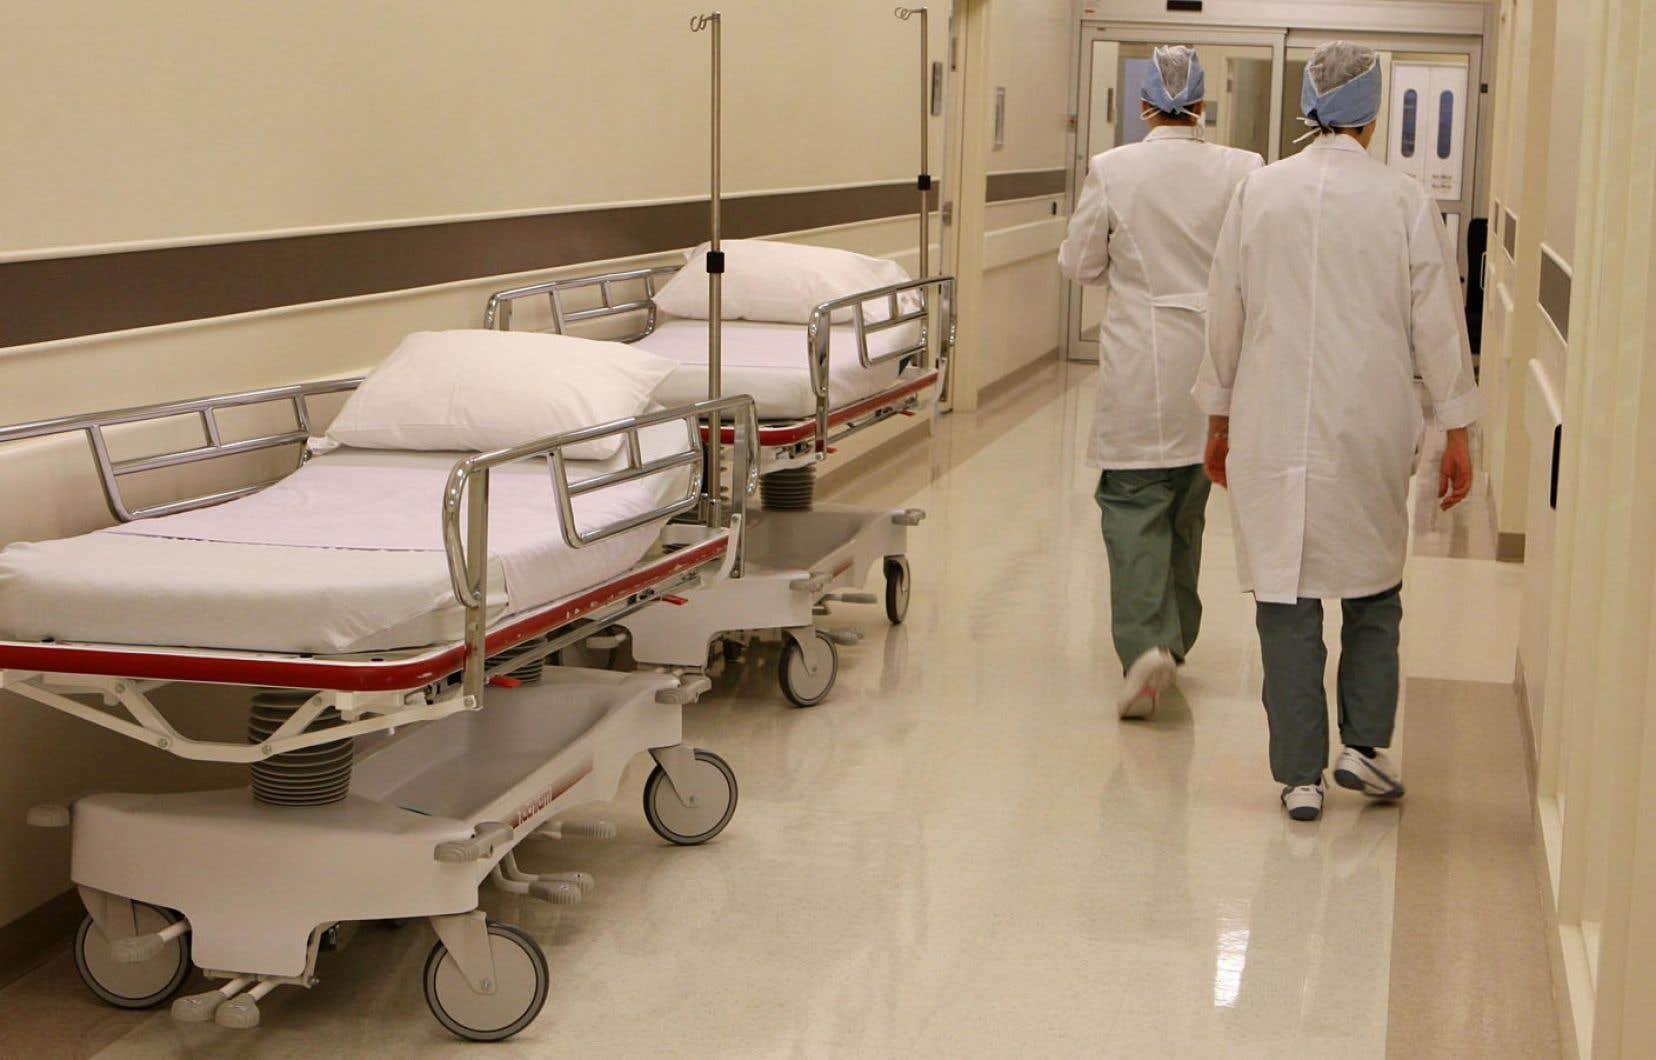 Les médecins québécois sont principalement payés à l'acte, mais d'autres modes de rémunération ont aussi fait leur apparition ces dernières années.